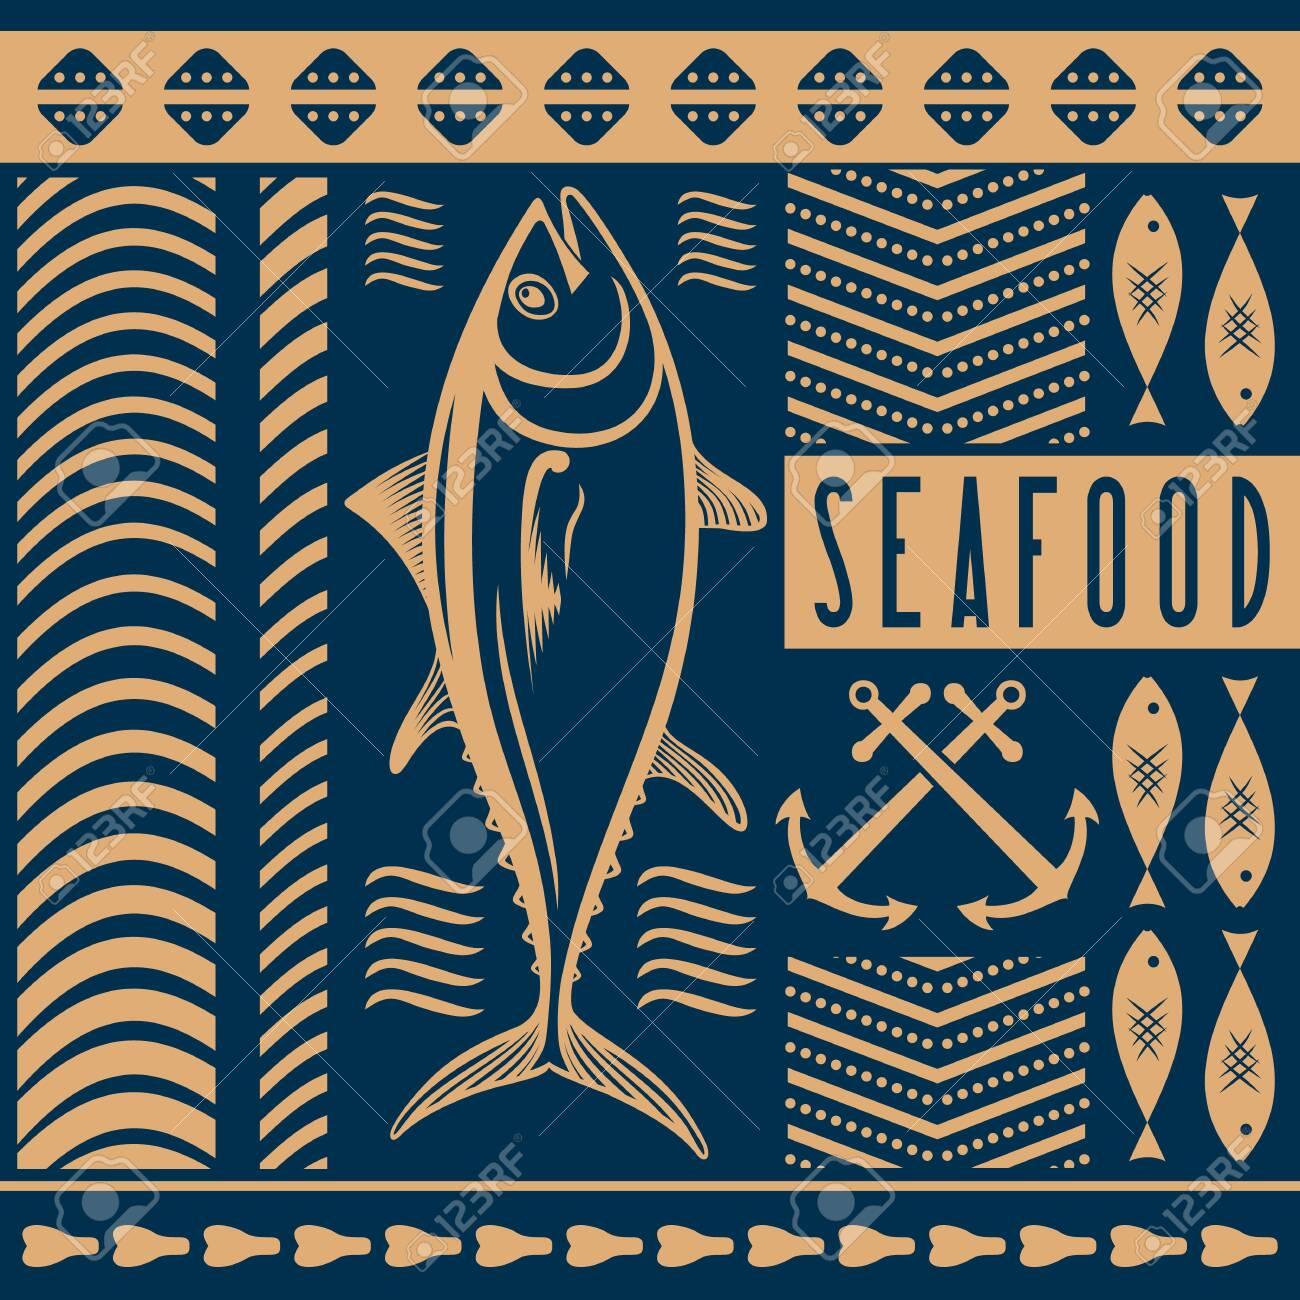 Seafood Restaurant Poster Banner Template With Tuna Fish Vector Illustration Ilustraciones Vectoriales Clip Art Vectorizado Libre De Derechos Image 150529055